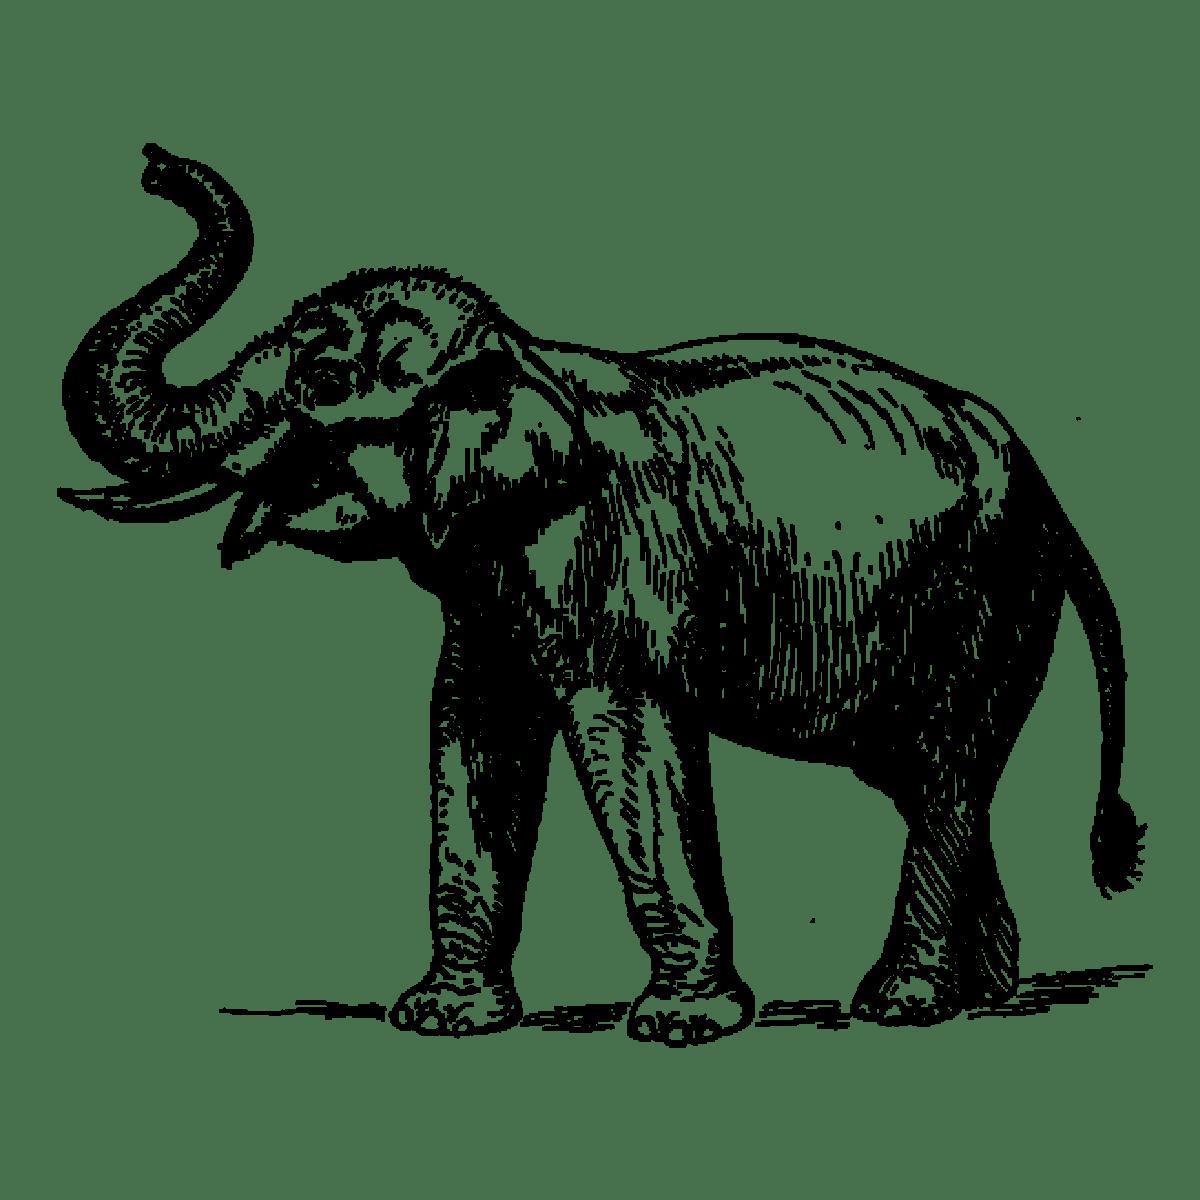 Elephant Graphic